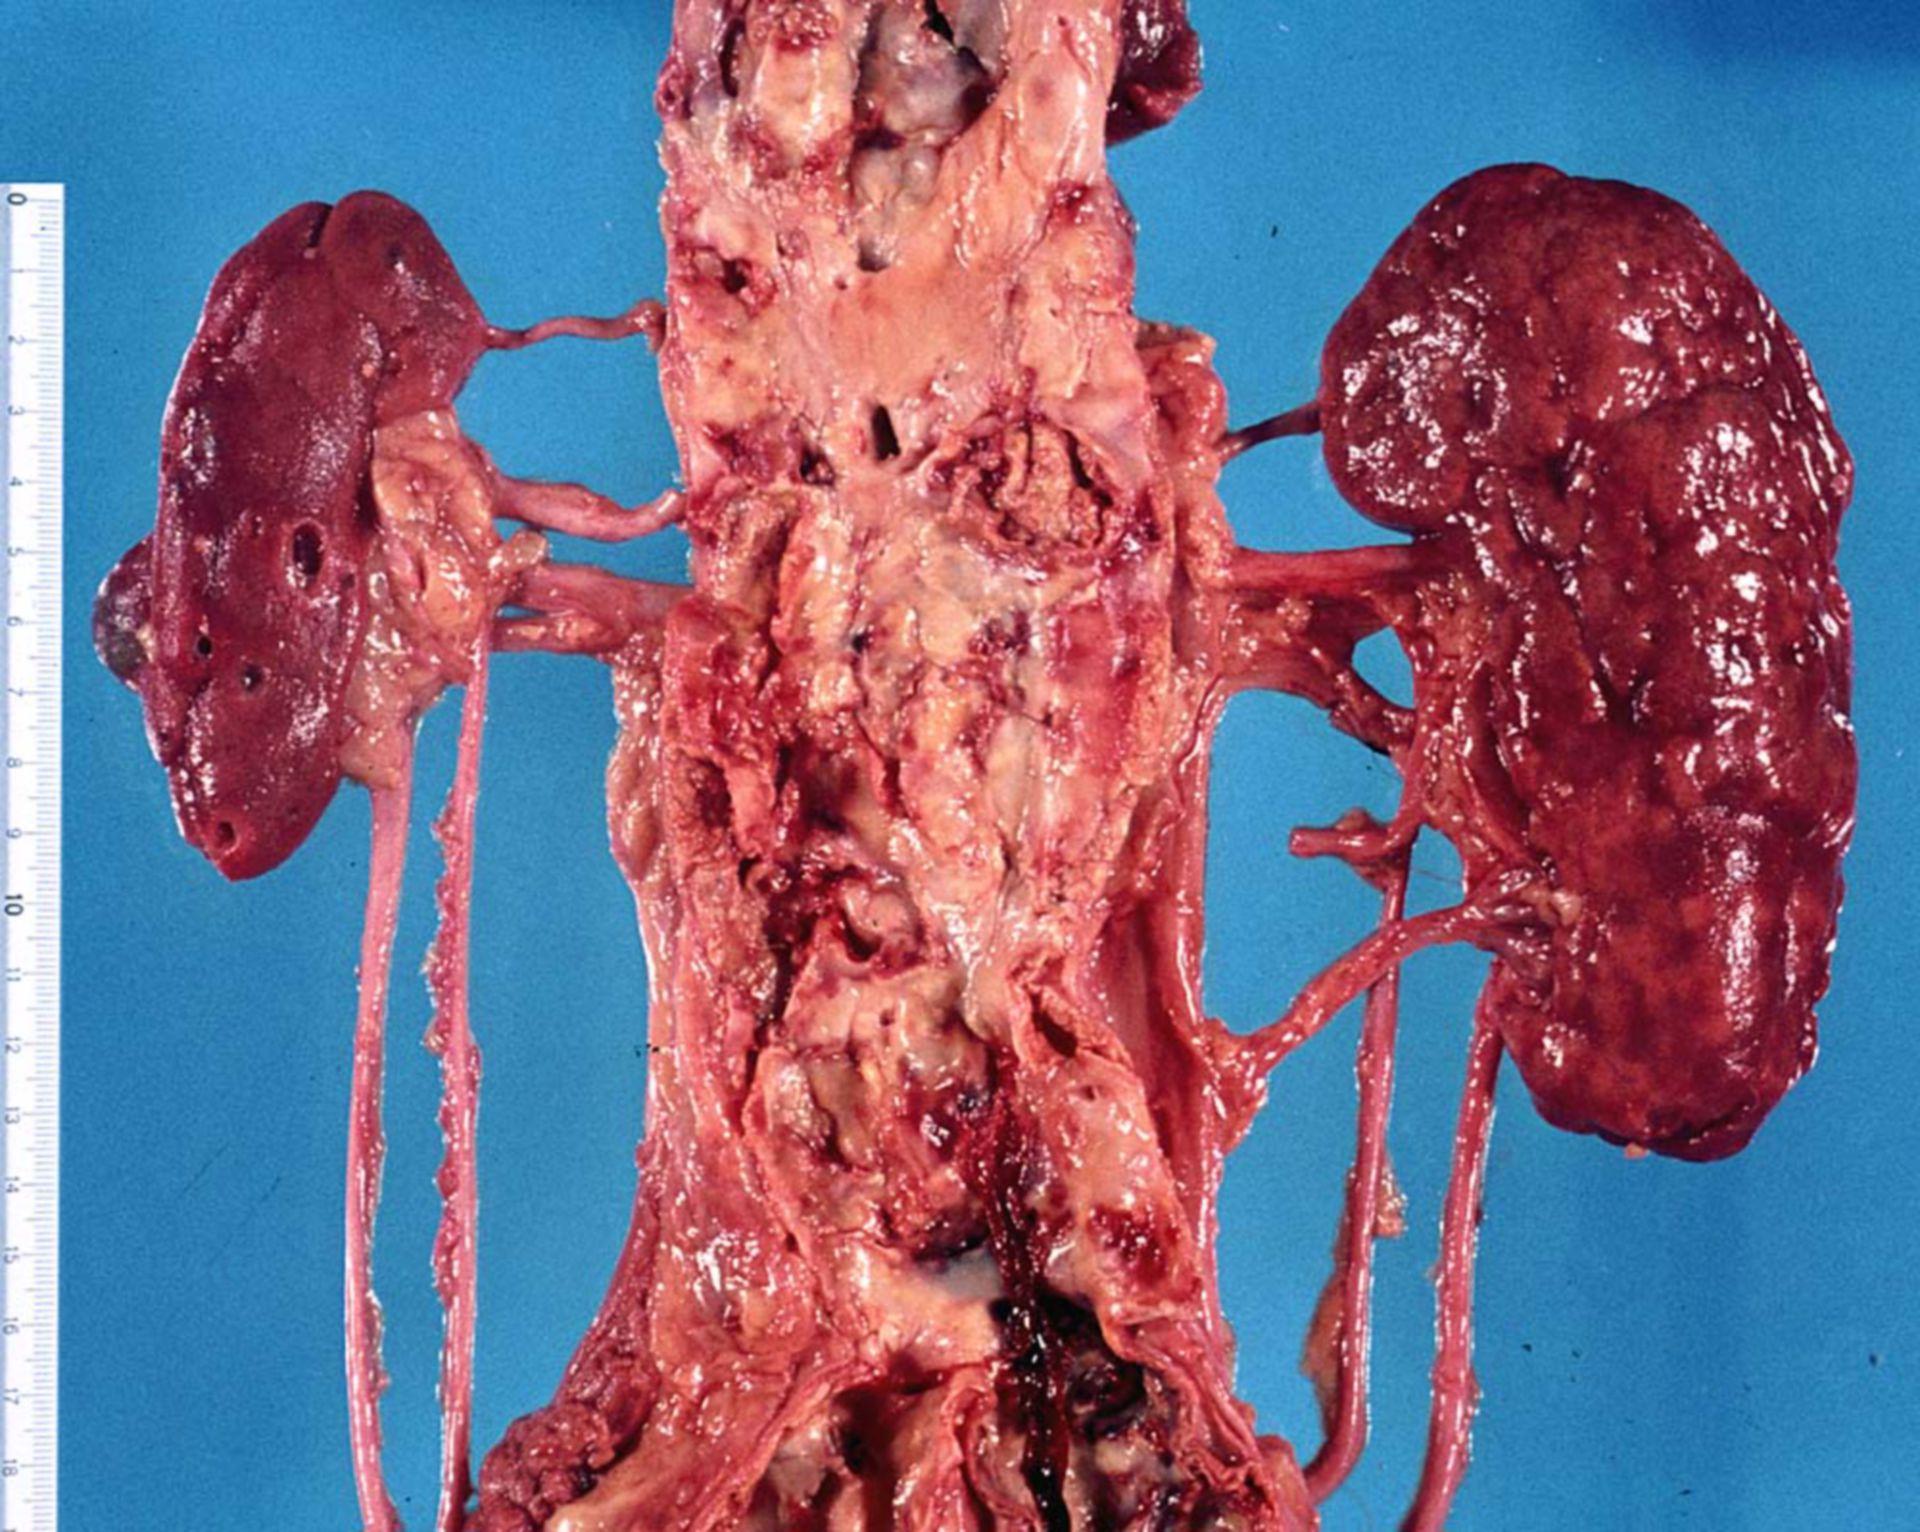 Schrumpfniere bei Nierenarterienstenose